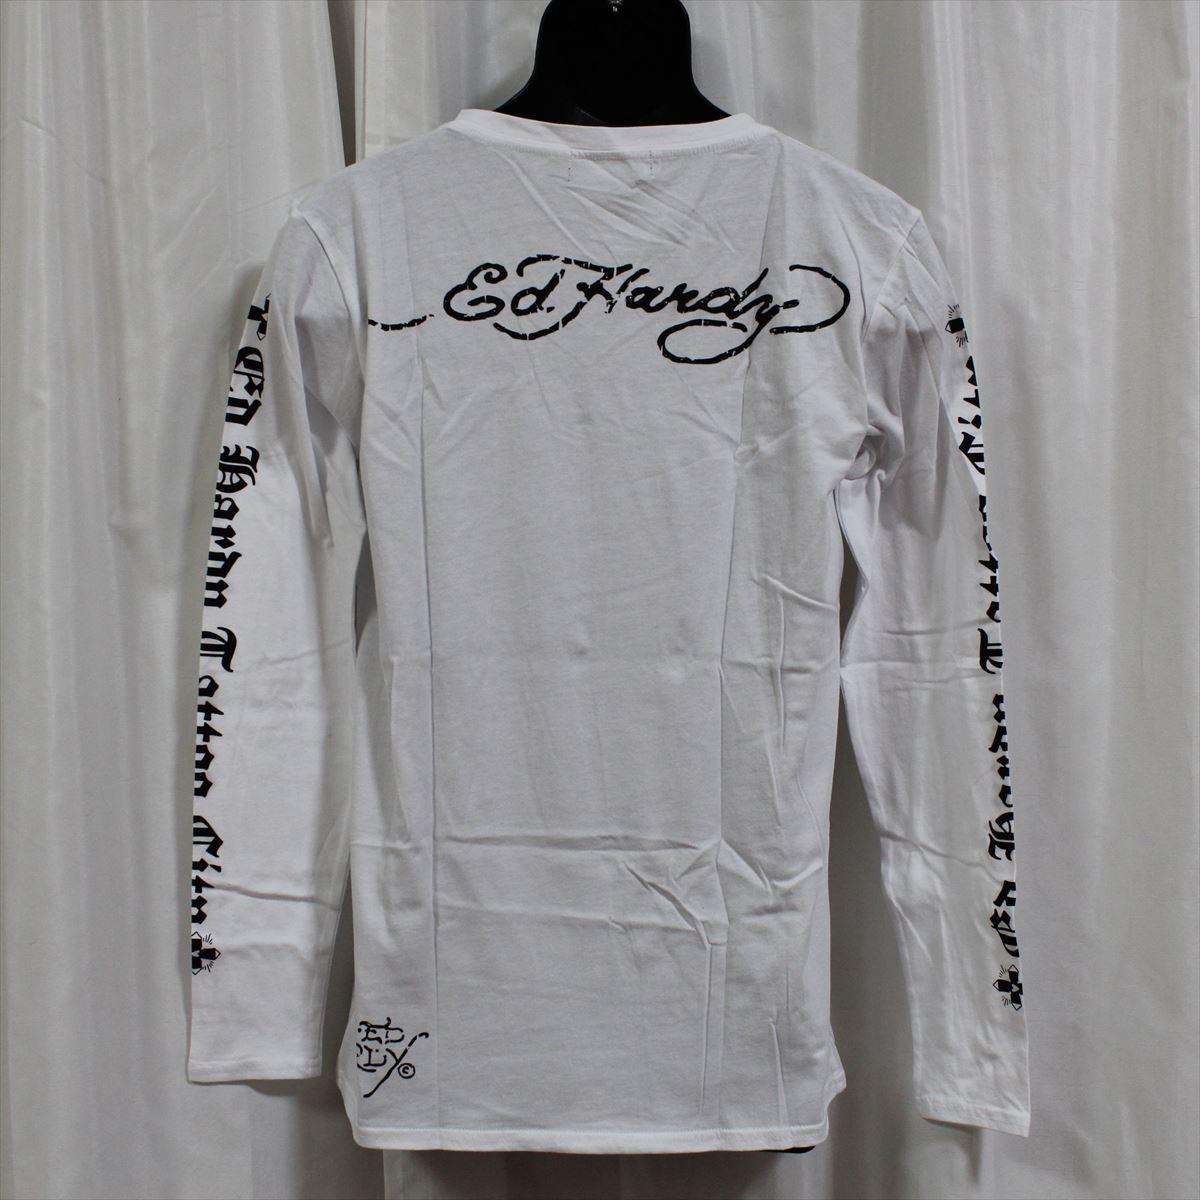 エドハーディー ED HARDY メンズ長袖Tシャツ ホワイト Mサイズ M03GTC303 新品 Vネック 白_画像3